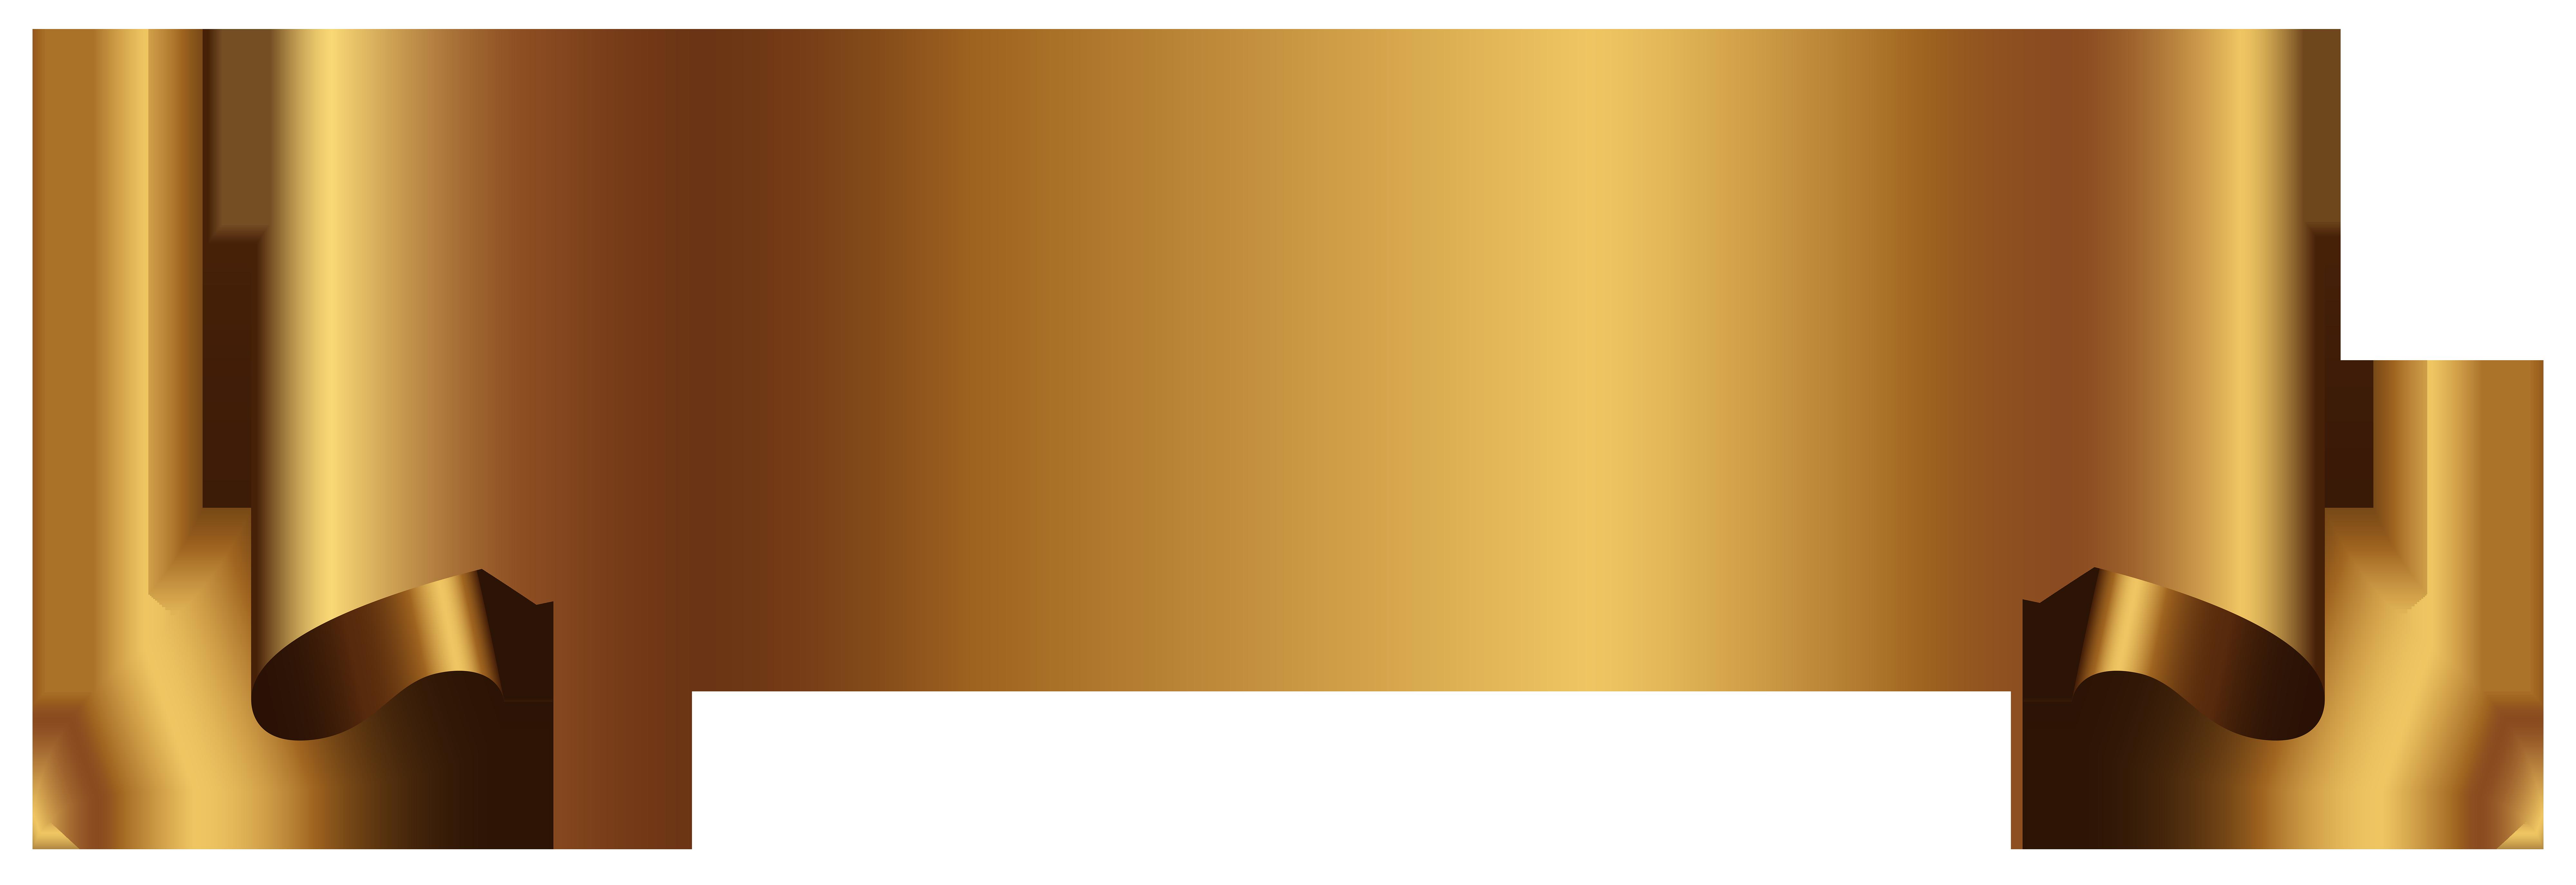 Golden Banner Transparent PNG Clip Art Image.